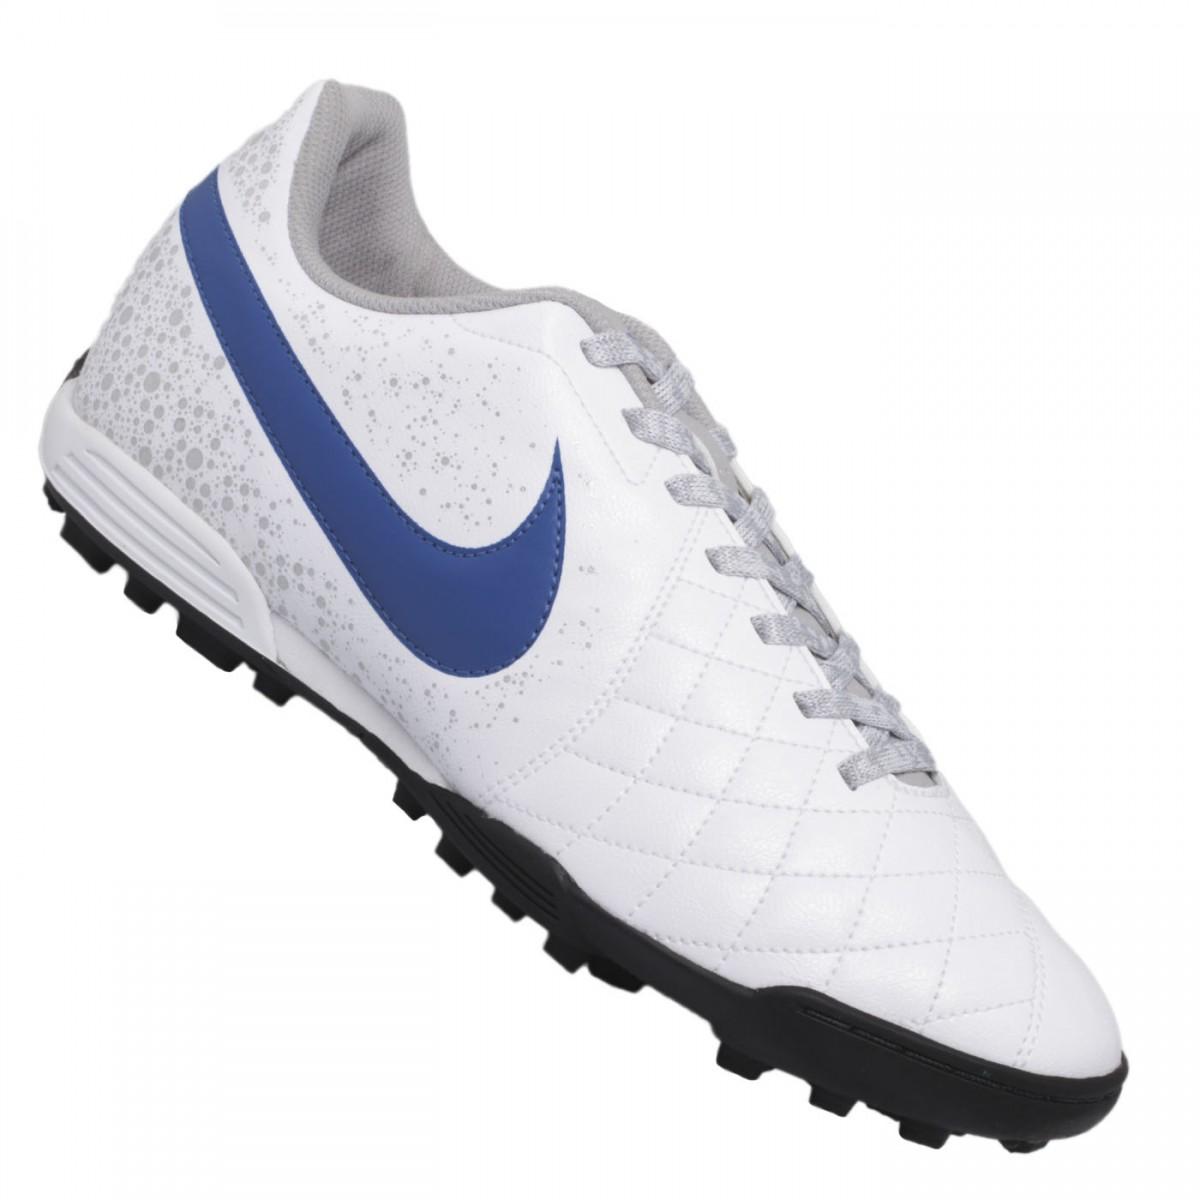 Chuteira Nike Flare 2 TF  4e40598184ea2